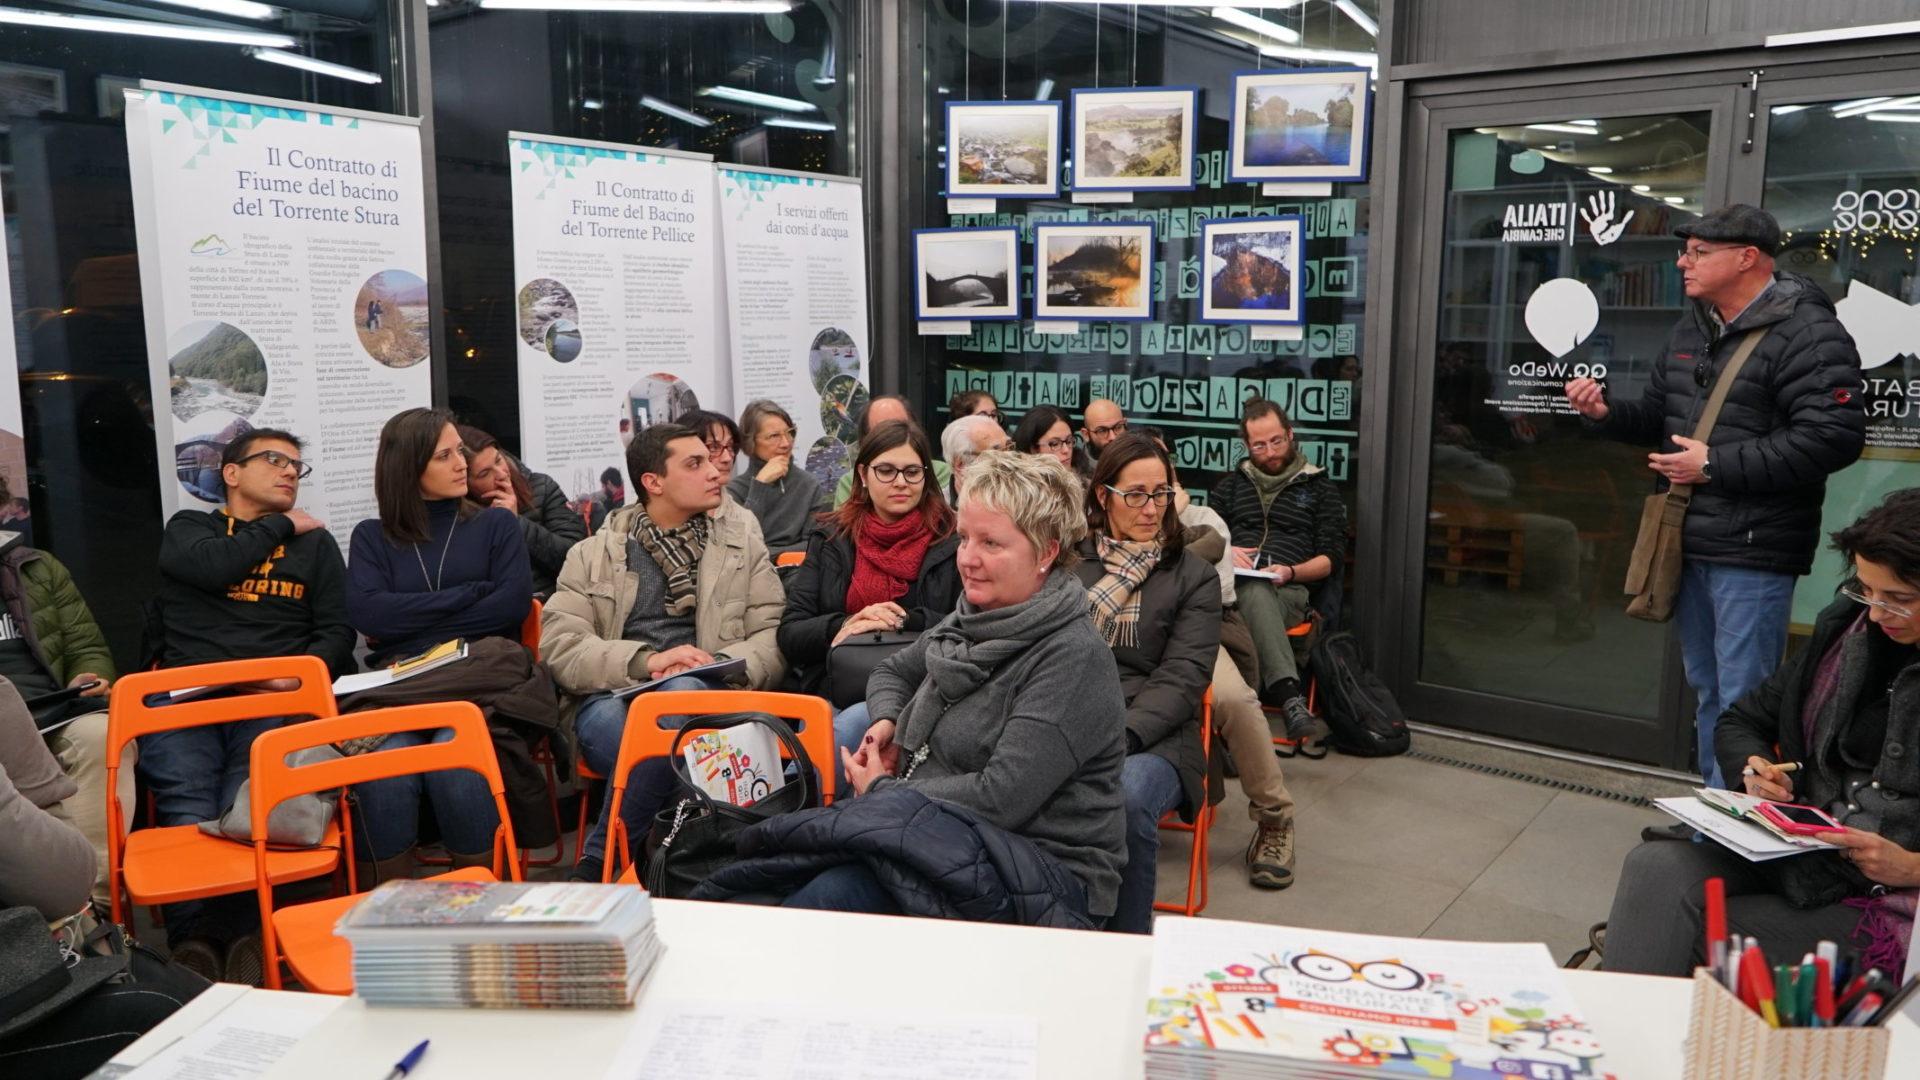 Festival sostenibilità incontro partecipanti